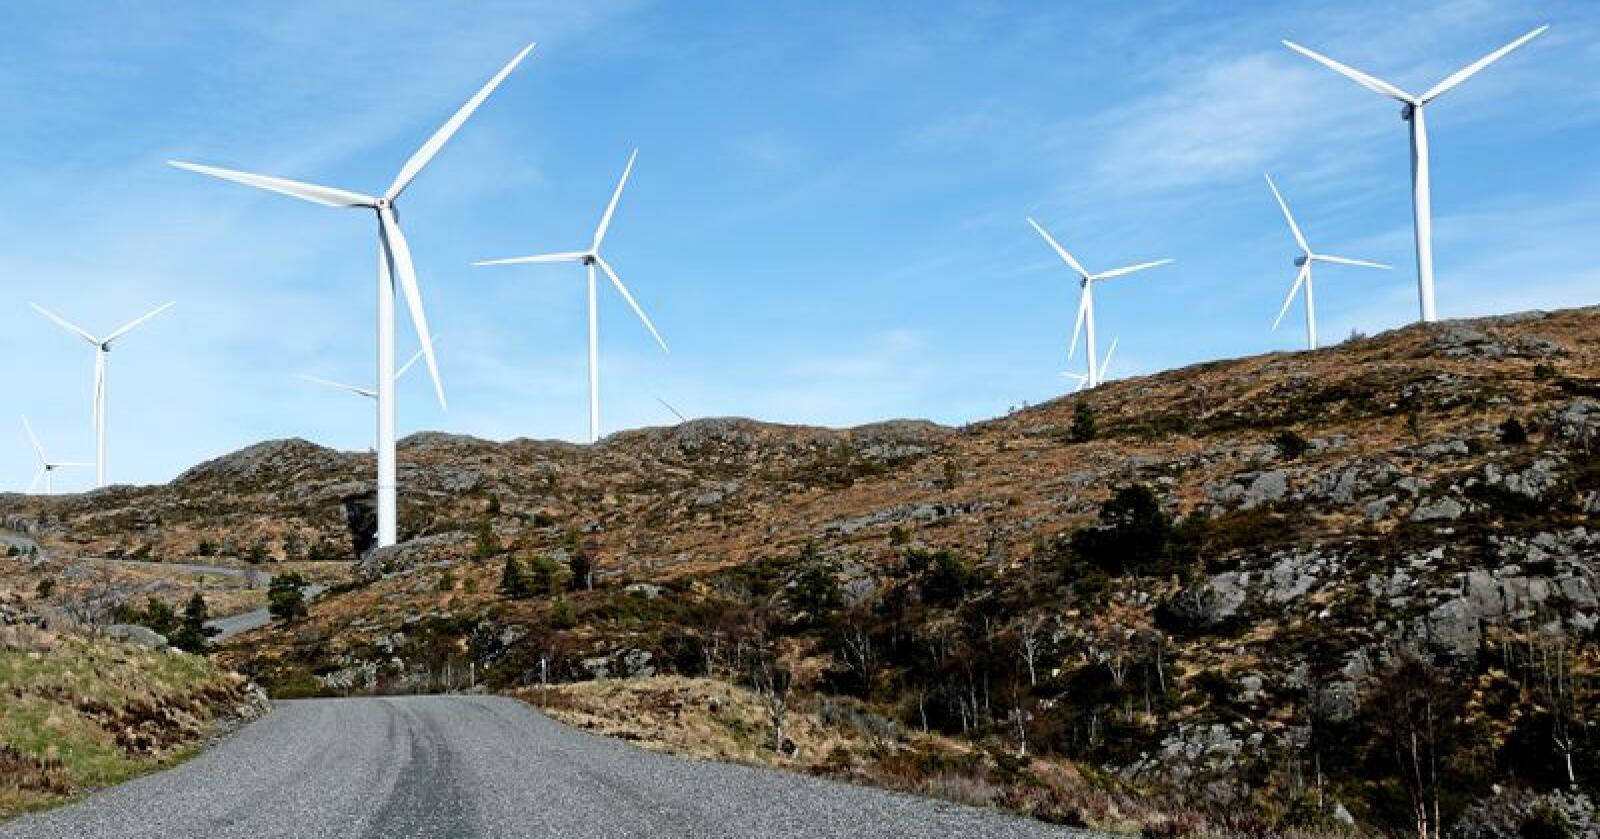 Vindkraft: Noen av vindturbinene i Midtfjellet vindpark i Fitjar kommune. Foto: Jan Kåre Ness/NTB scanpix